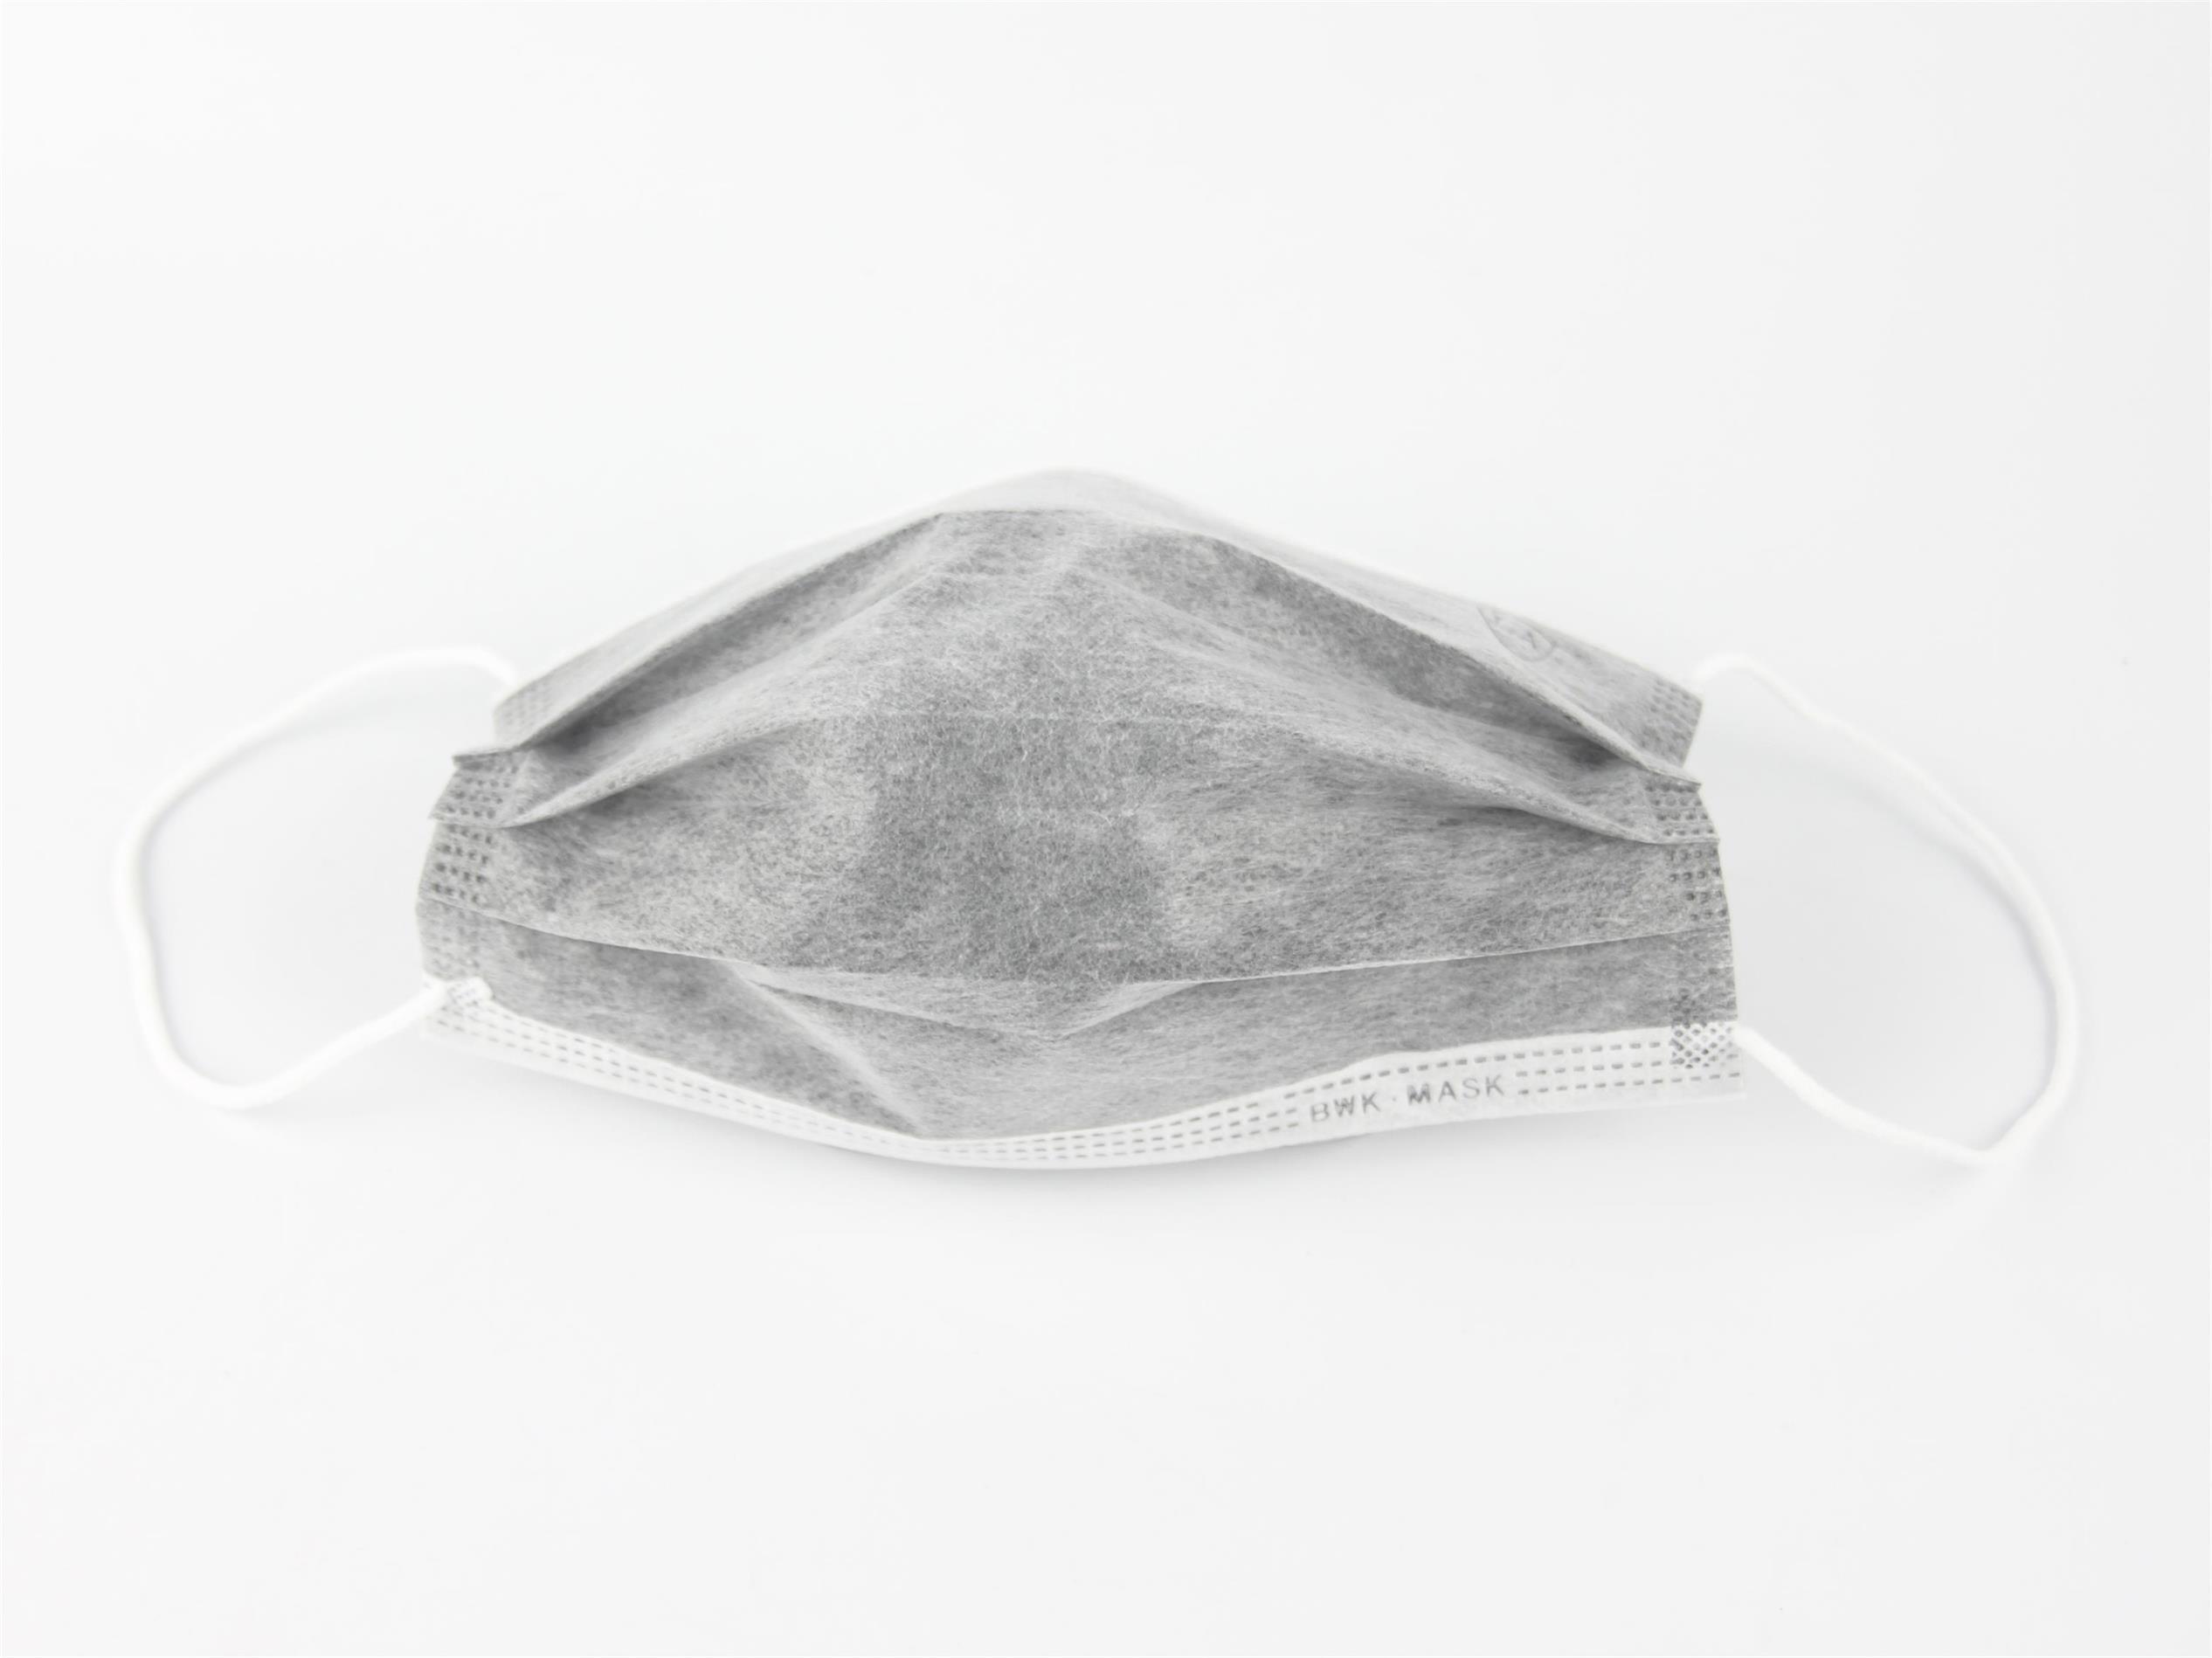 山东保卫康代理|发达劳保出售性能可靠的一次性活性炭潮款夏季透气防晒防尘防毒口罩